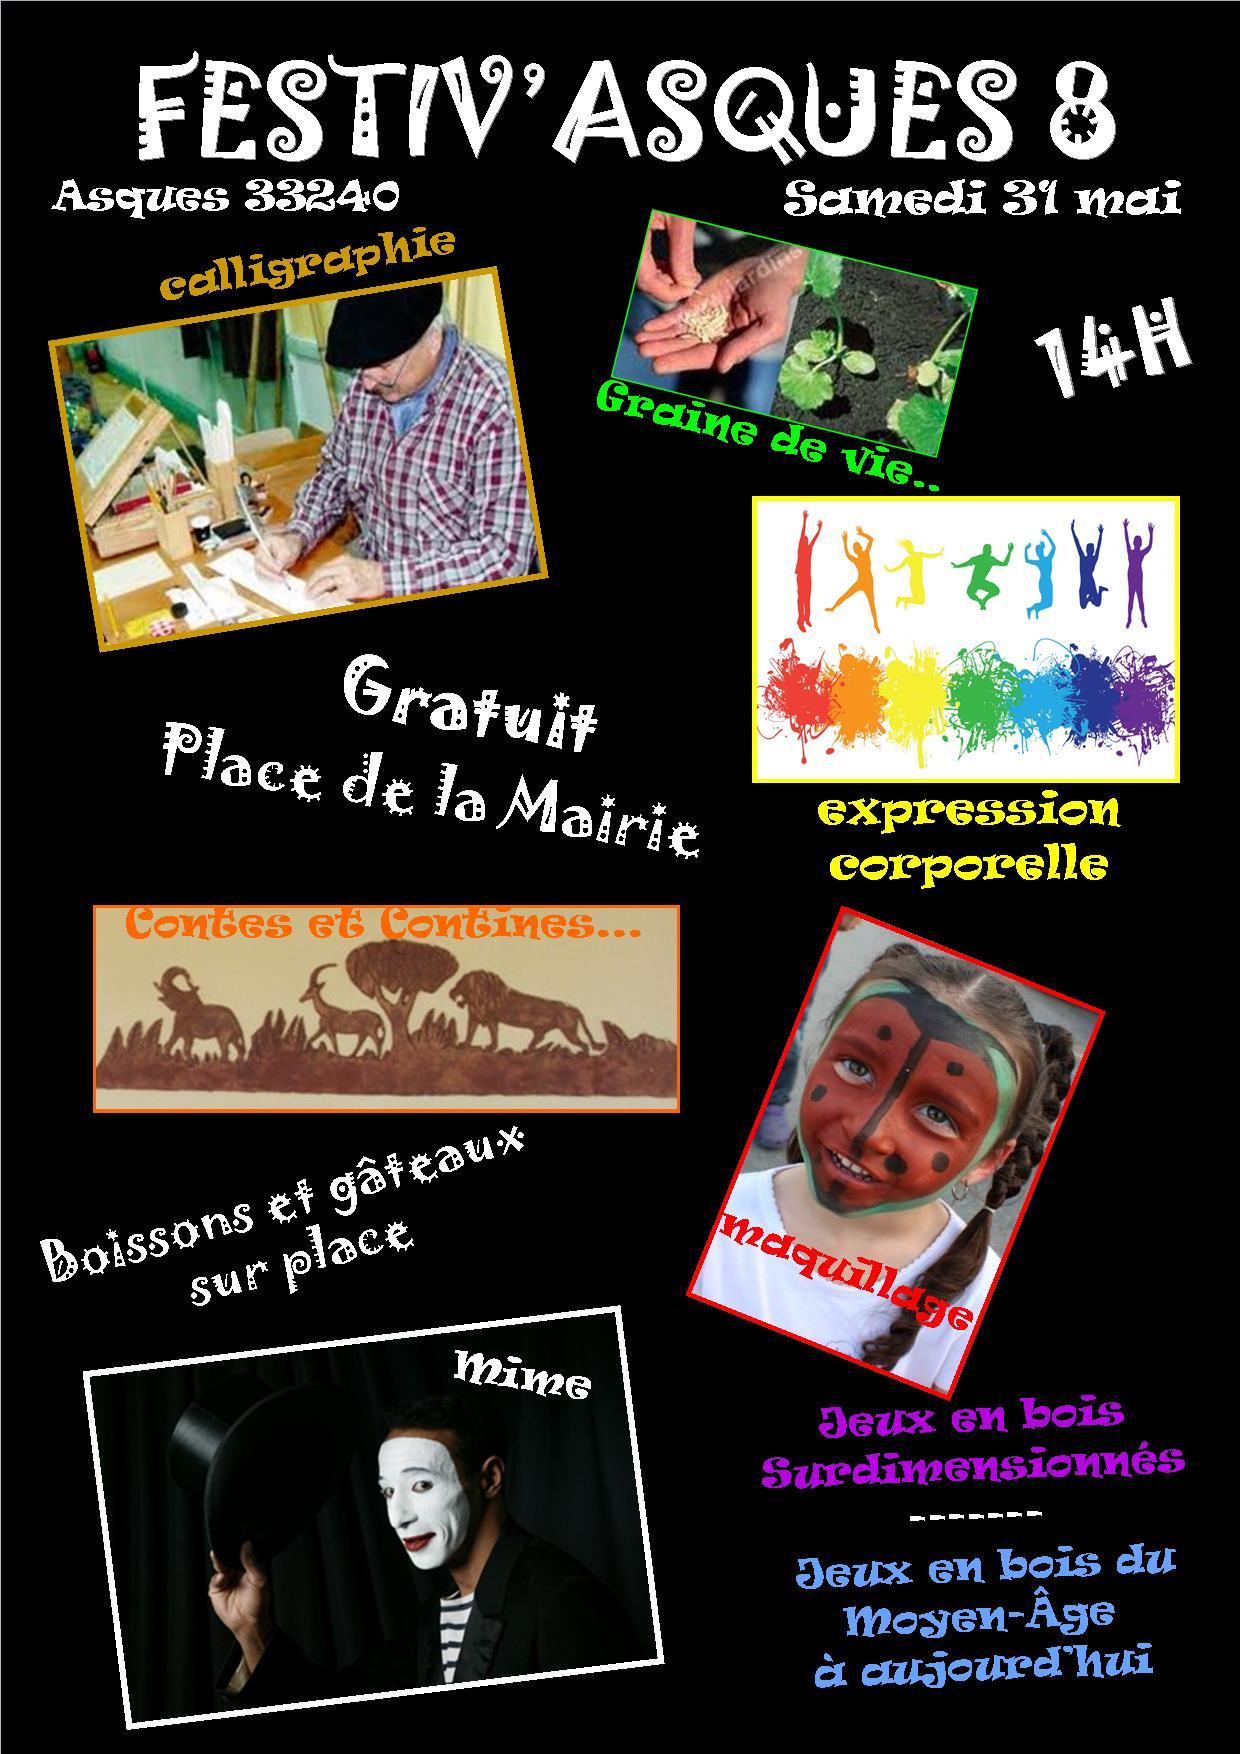 Festiv'asques 2014